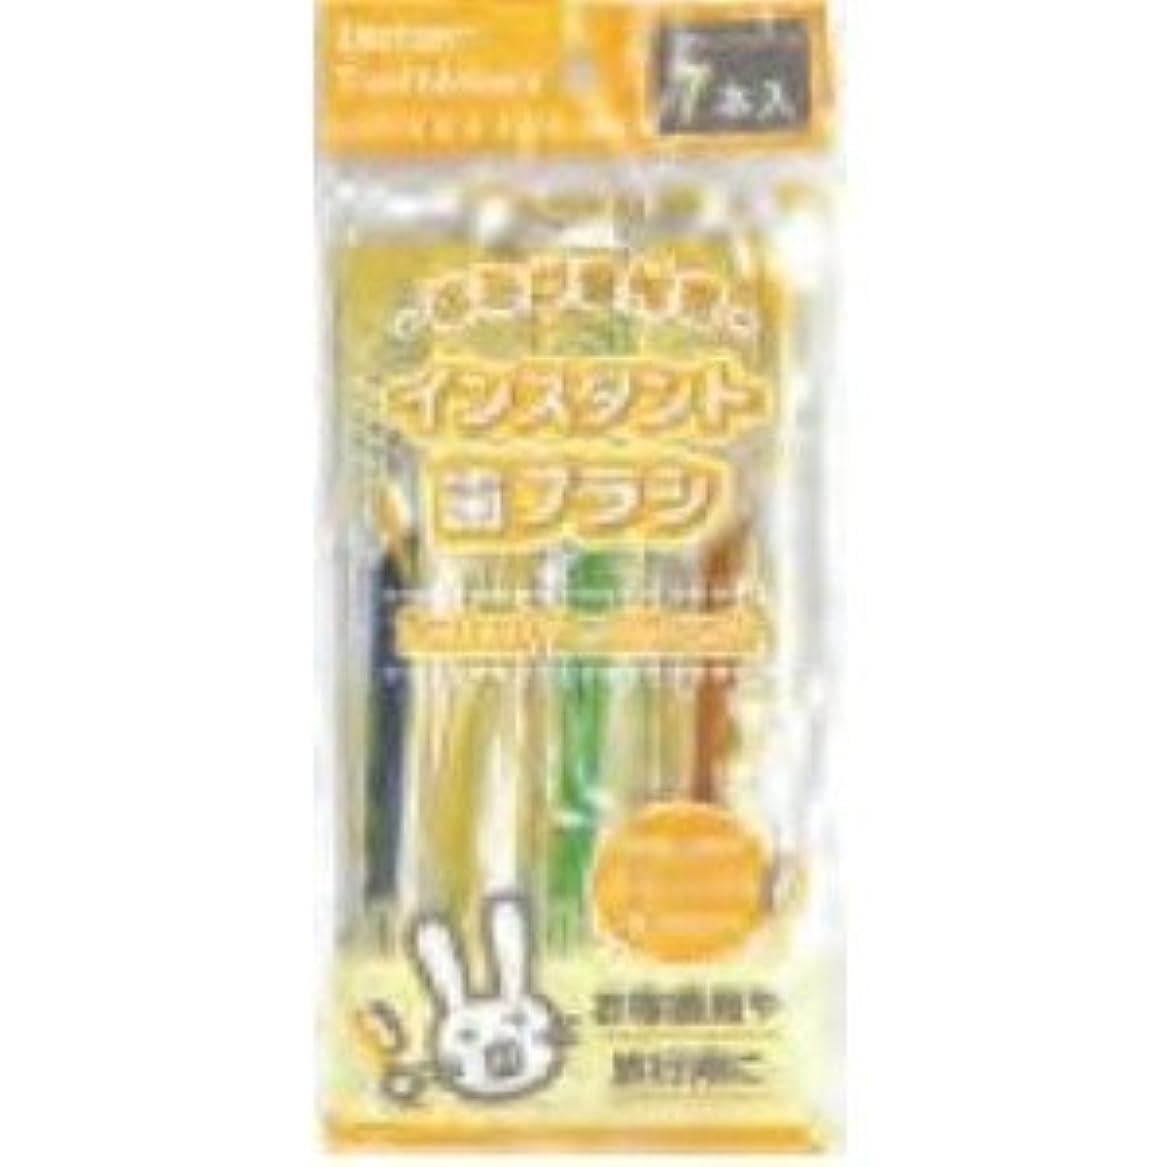 リビジョン集める格納歯みがき付きインスタント歯ブラシ7P アソート HH-122 【10個セット】